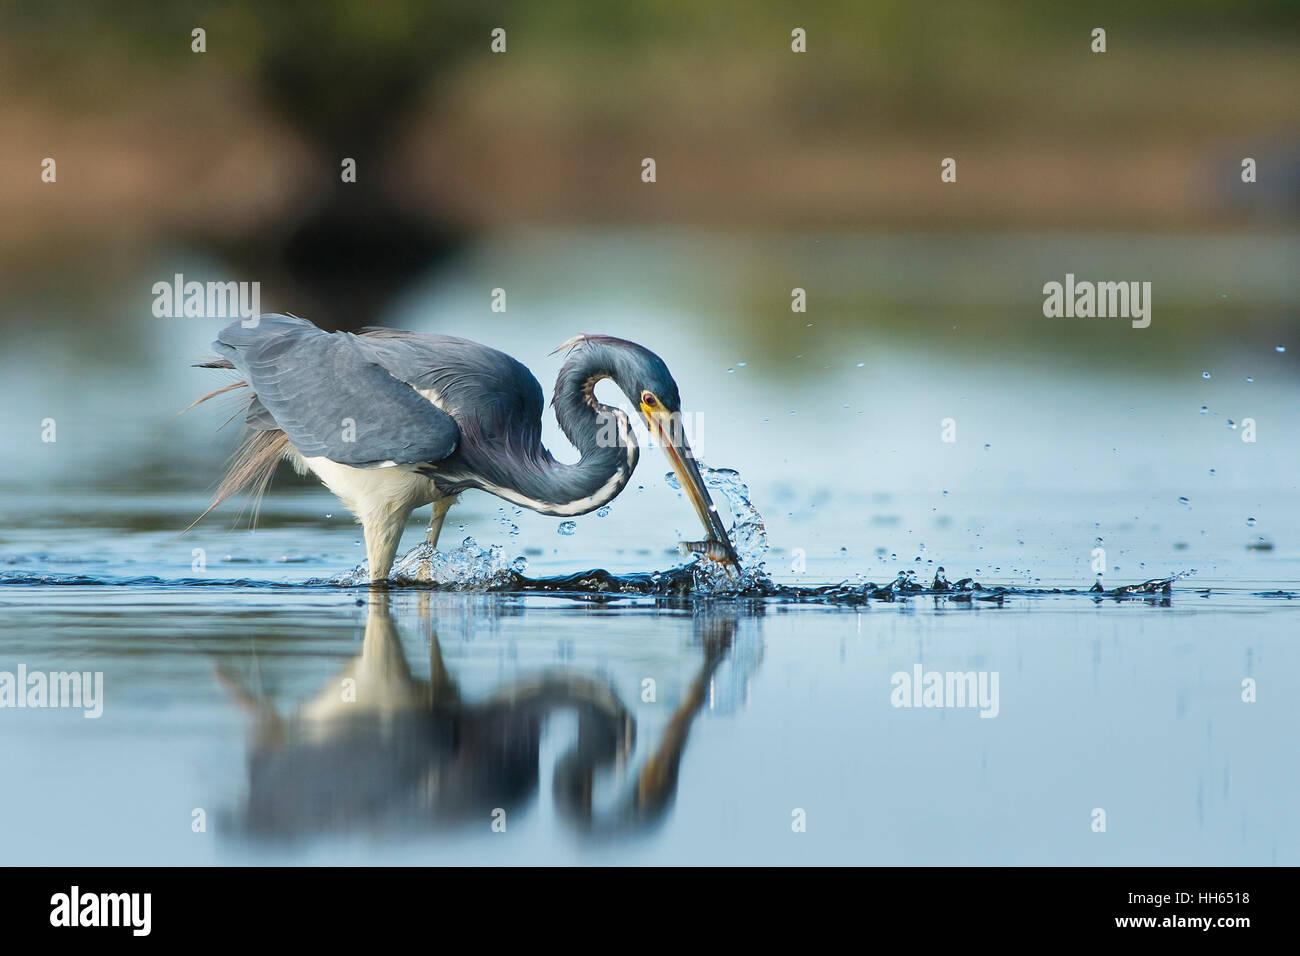 Eine dreifarbige Heron zupft ein kleiner Fisch aus dem flachen Wasser mit einem big Splash an einem sonnigen Morgen. Stockbild